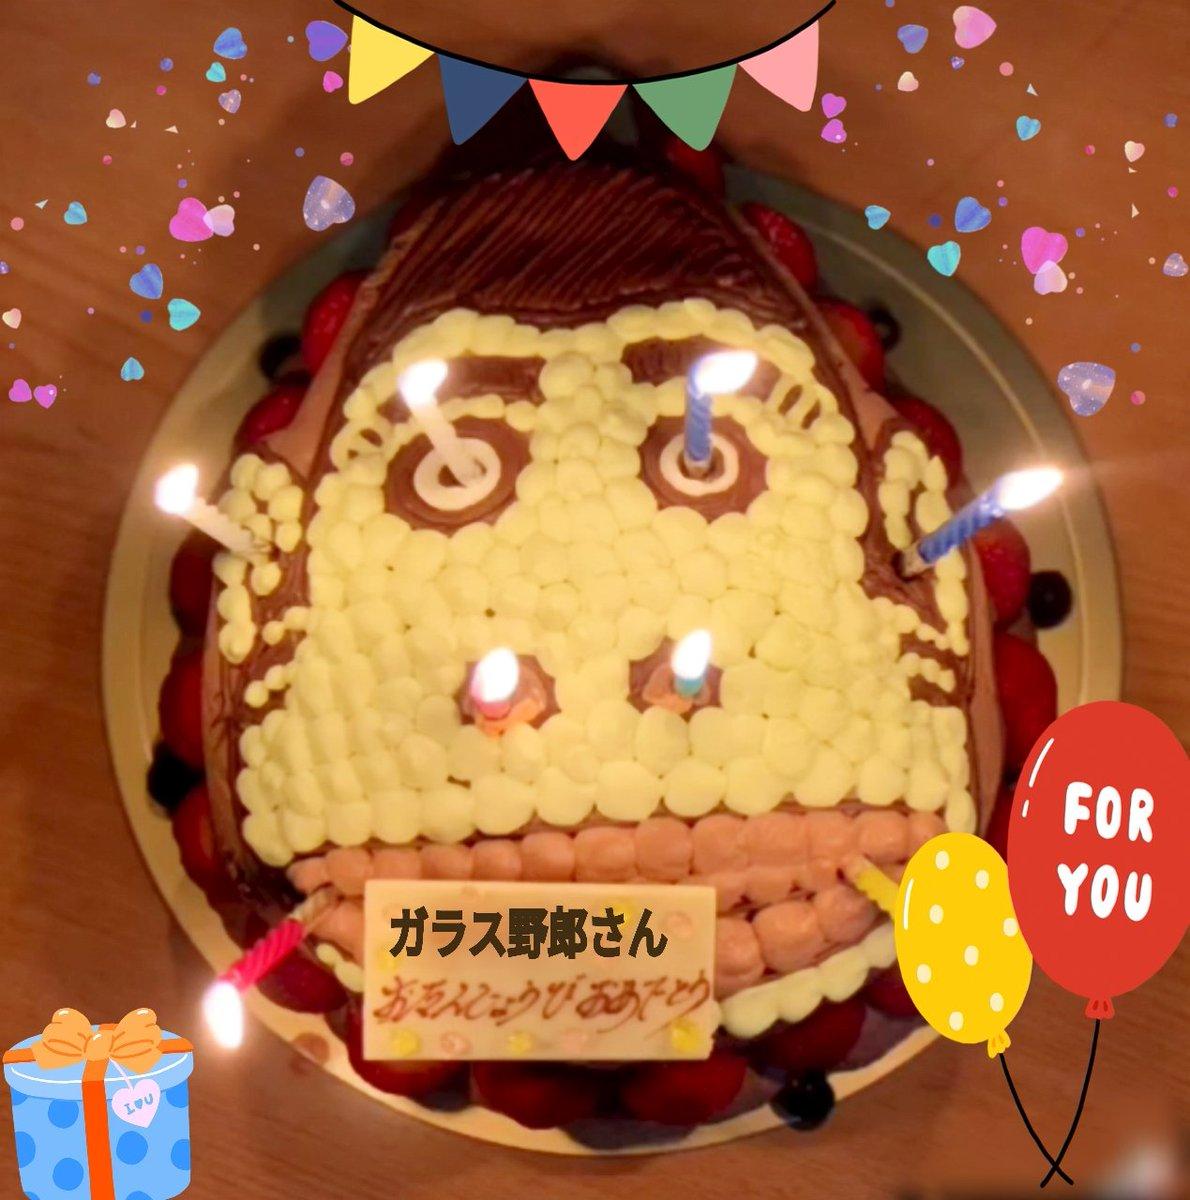 test ツイッターメディア - 野郎さんお誕生日おめでとうございます🎉🎉🎉  貰い画像で申し訳ないですがケーキでお祝いさせていただきます!  あつ森界からたもつくんが駆けつけてくれました! #画ラス野郎 https://t.co/Ykjklw6BI3